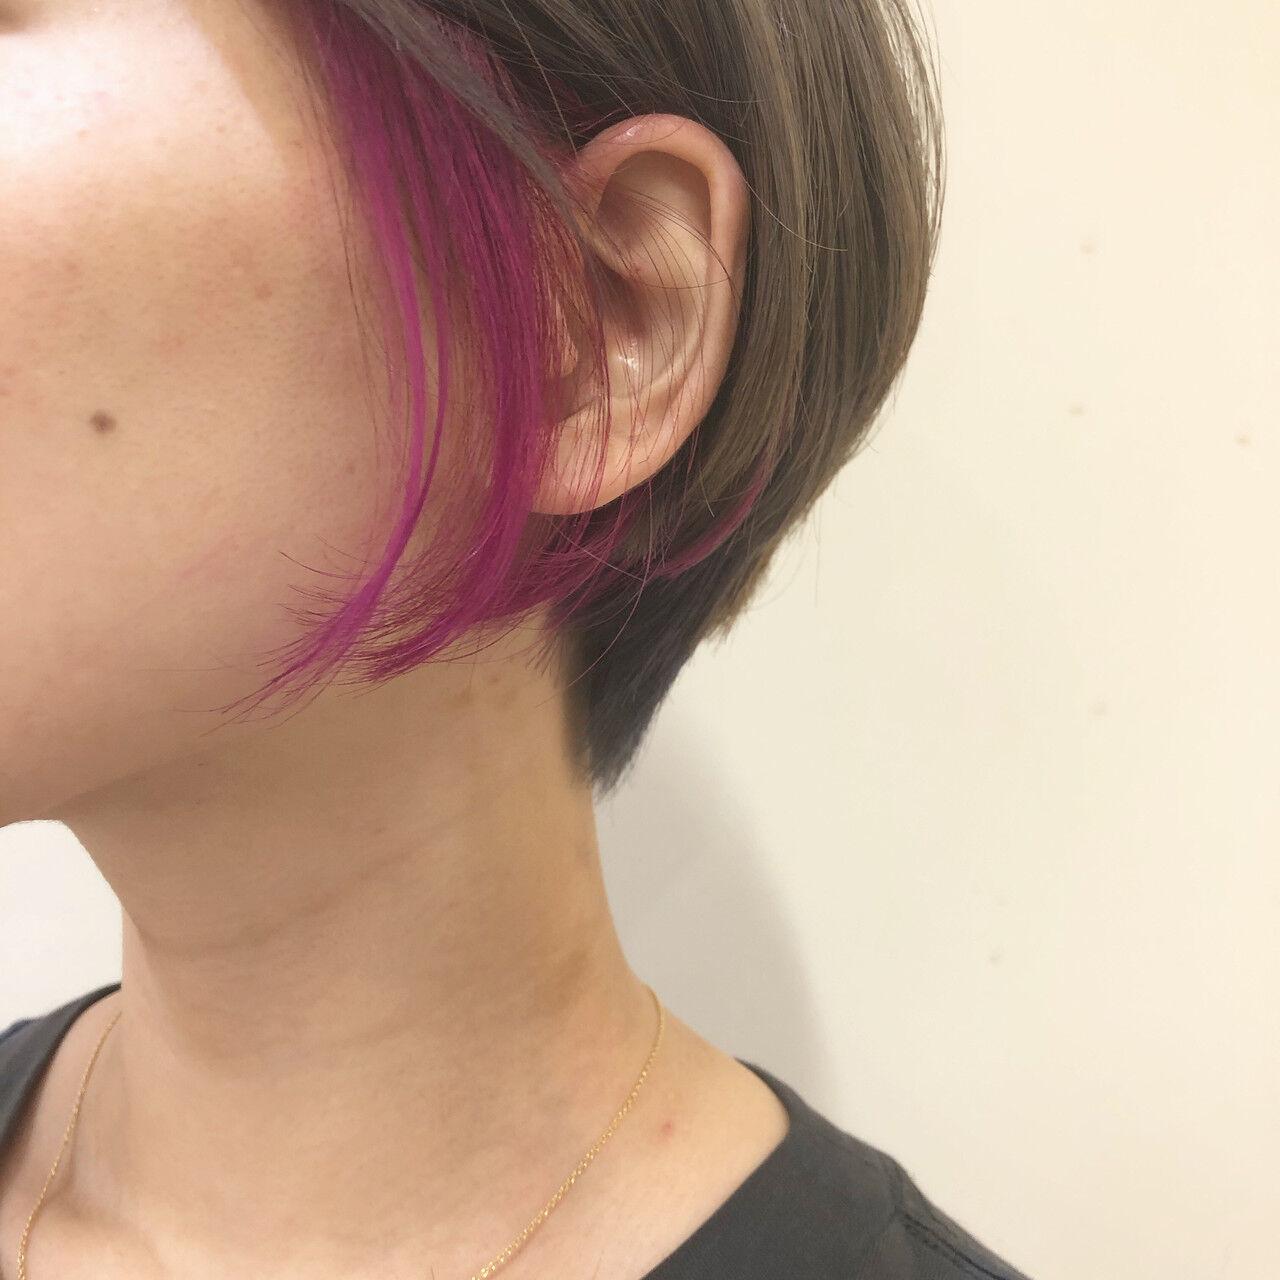 ガーリー グレージュ ショートヘア ショートボブヘアスタイルや髪型の写真・画像